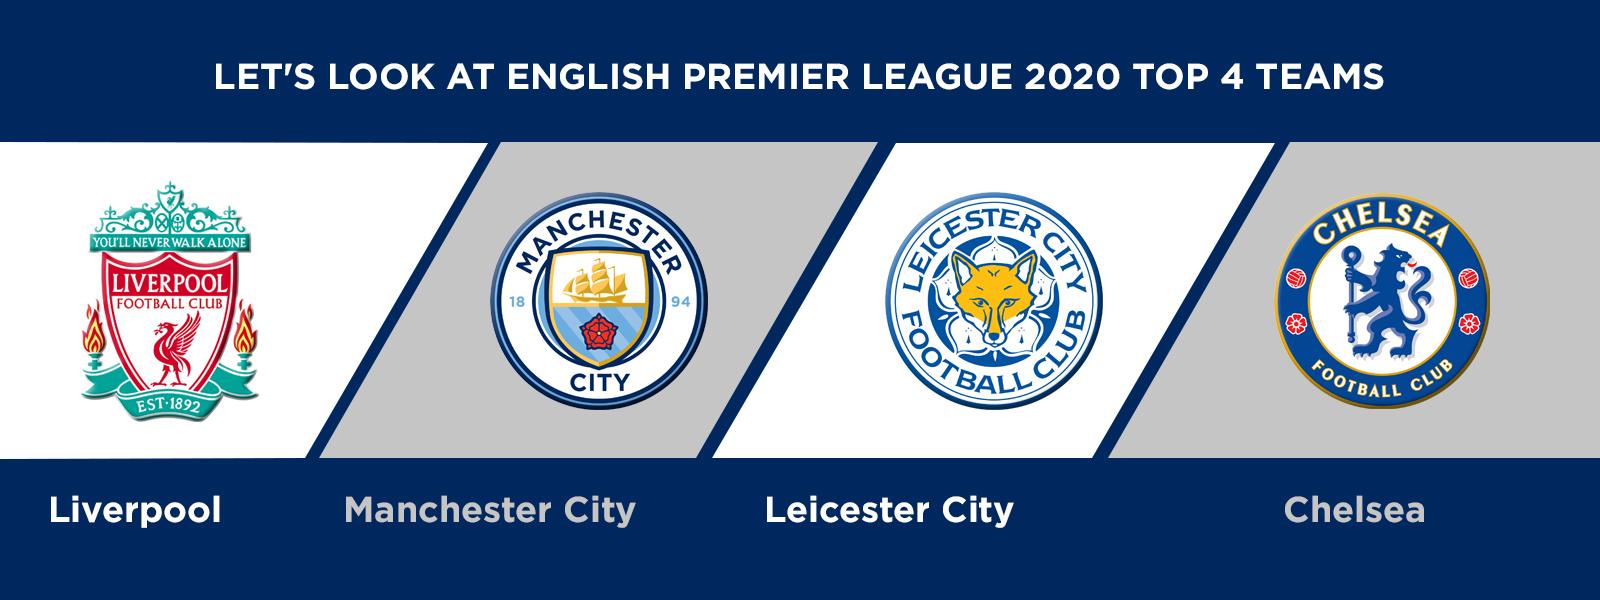 Let's Look At English Premier League 2020 Top 4 Teams